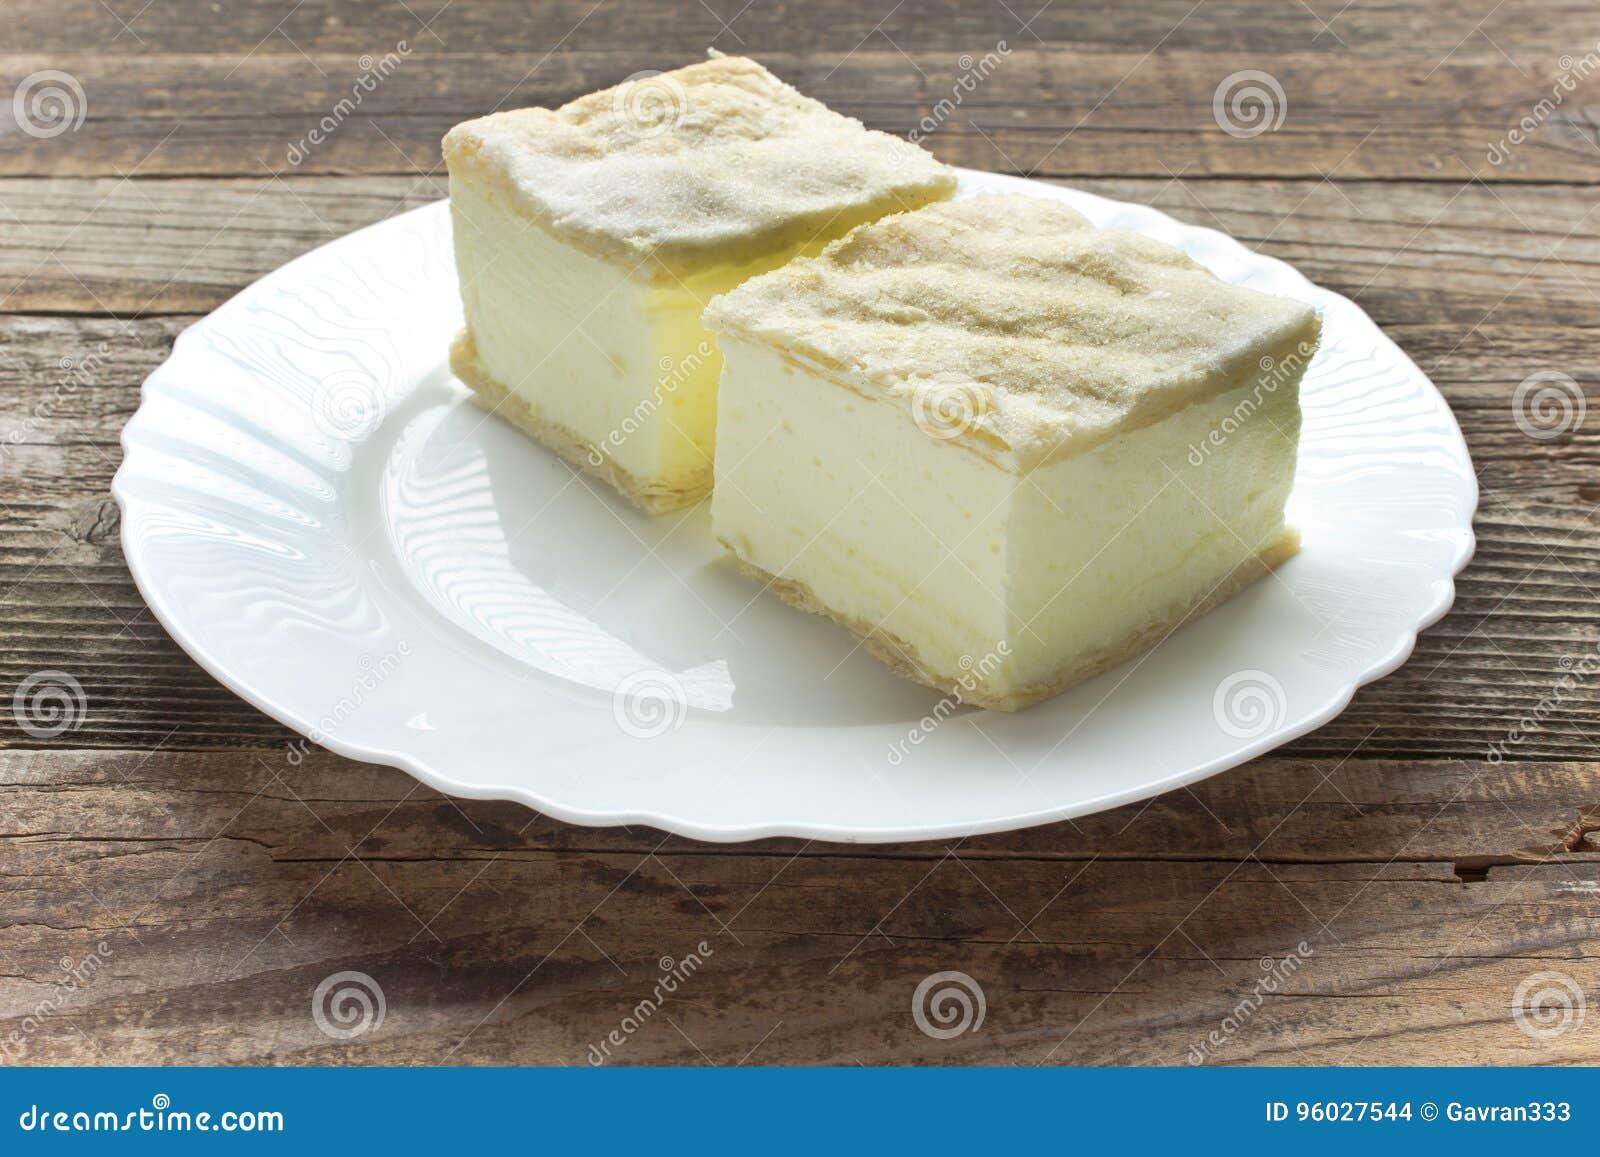 Kremowy kulebiak z warstwami ptysiowy ciasto w talerzu na stole